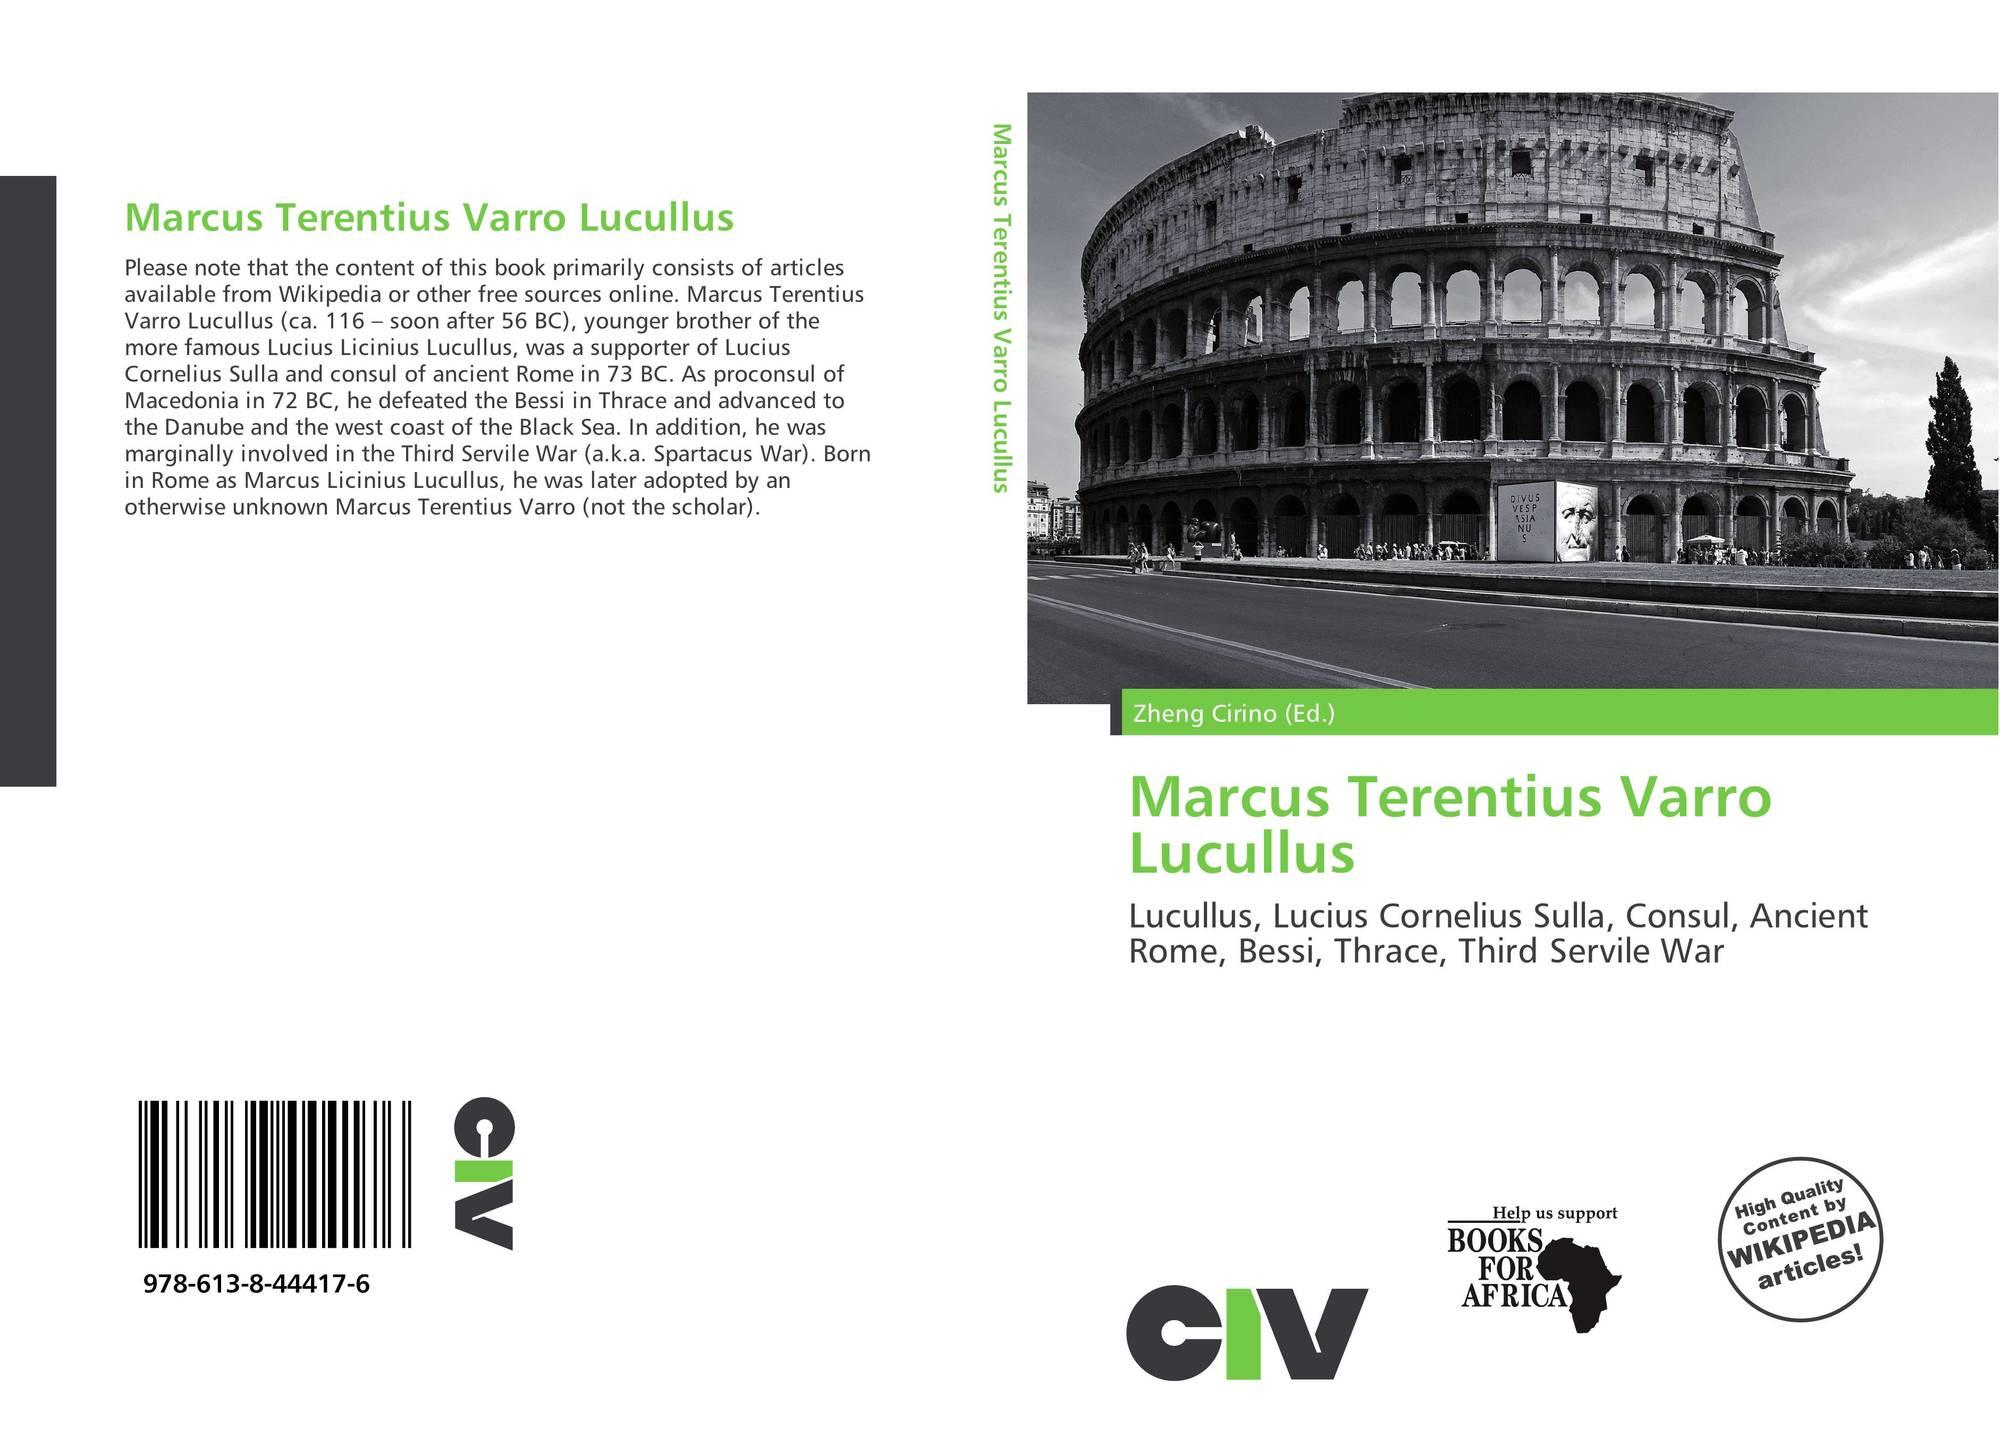 Marcus Terentius Varro